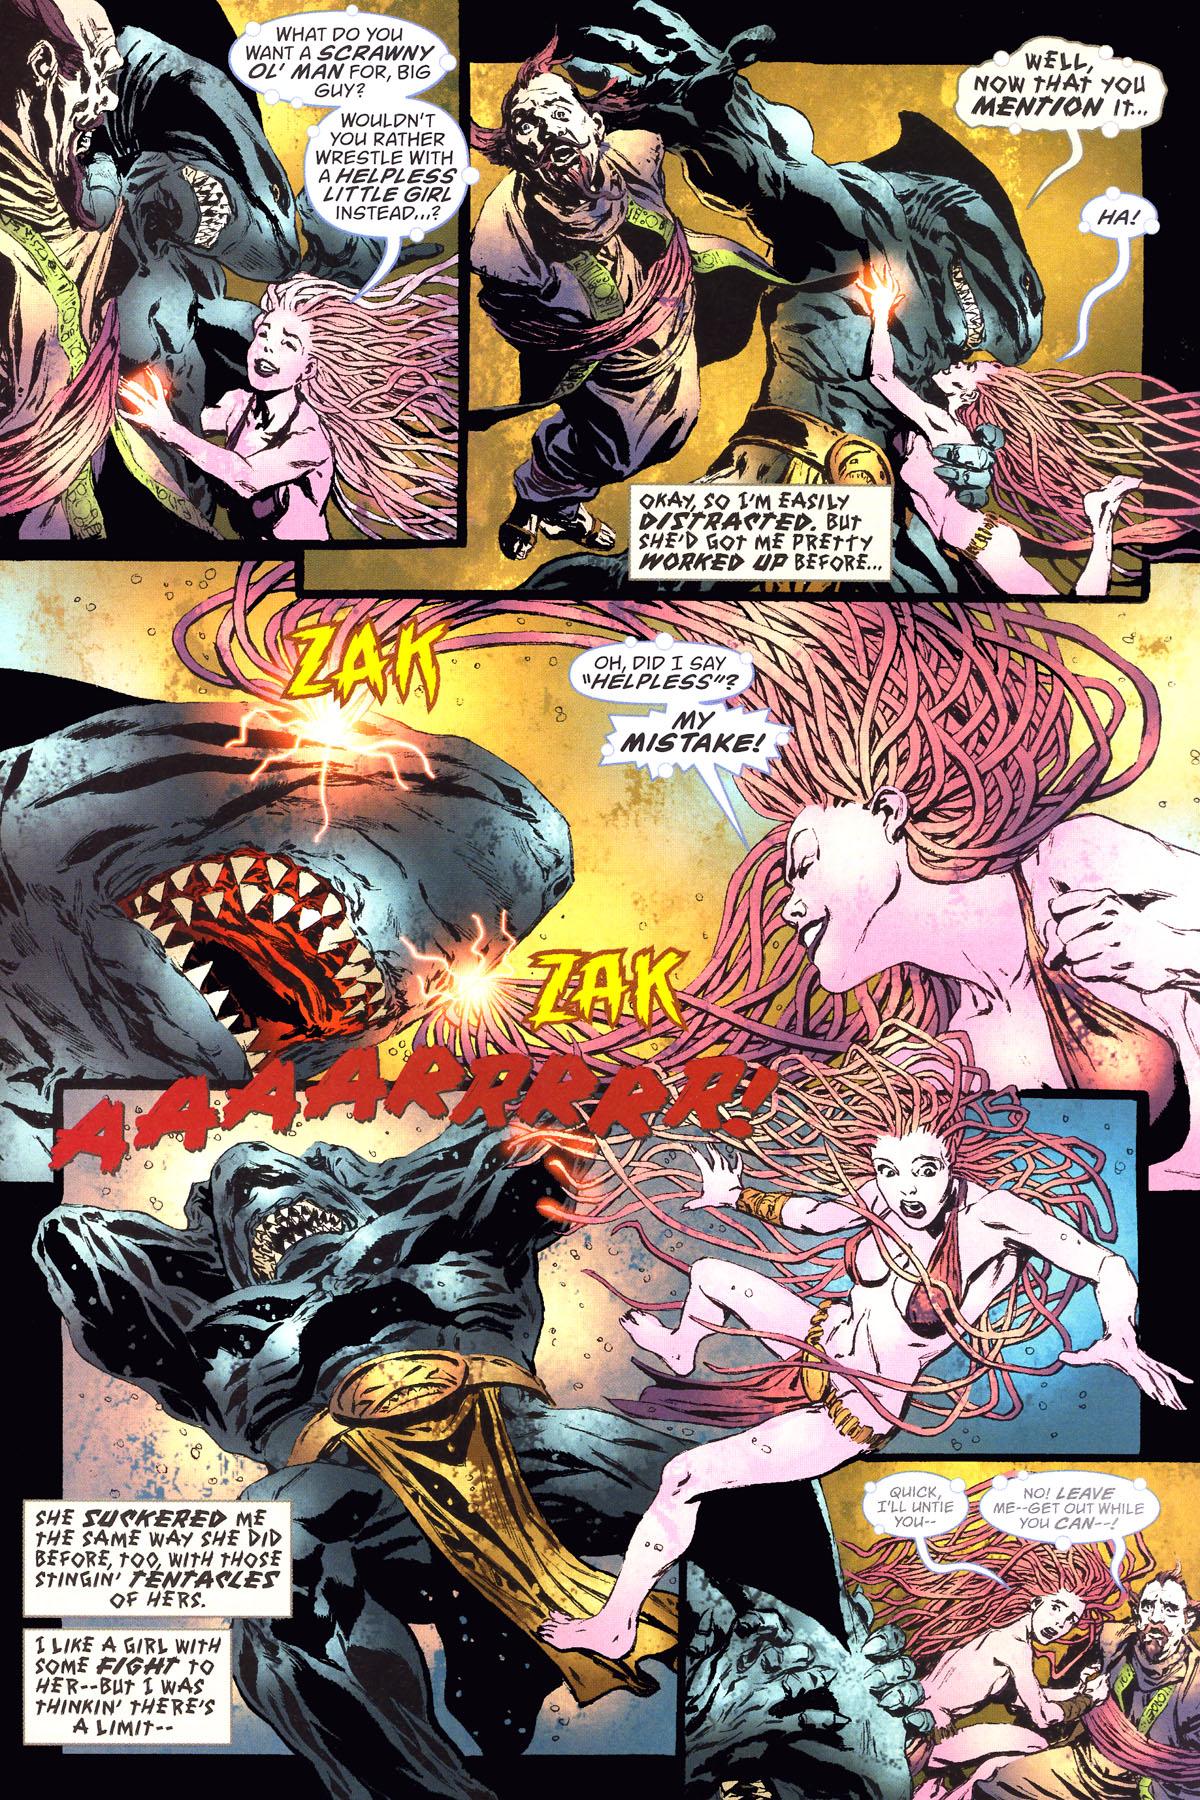 Read online Aquaman: Sword of Atlantis comic -  Issue #47 - 8